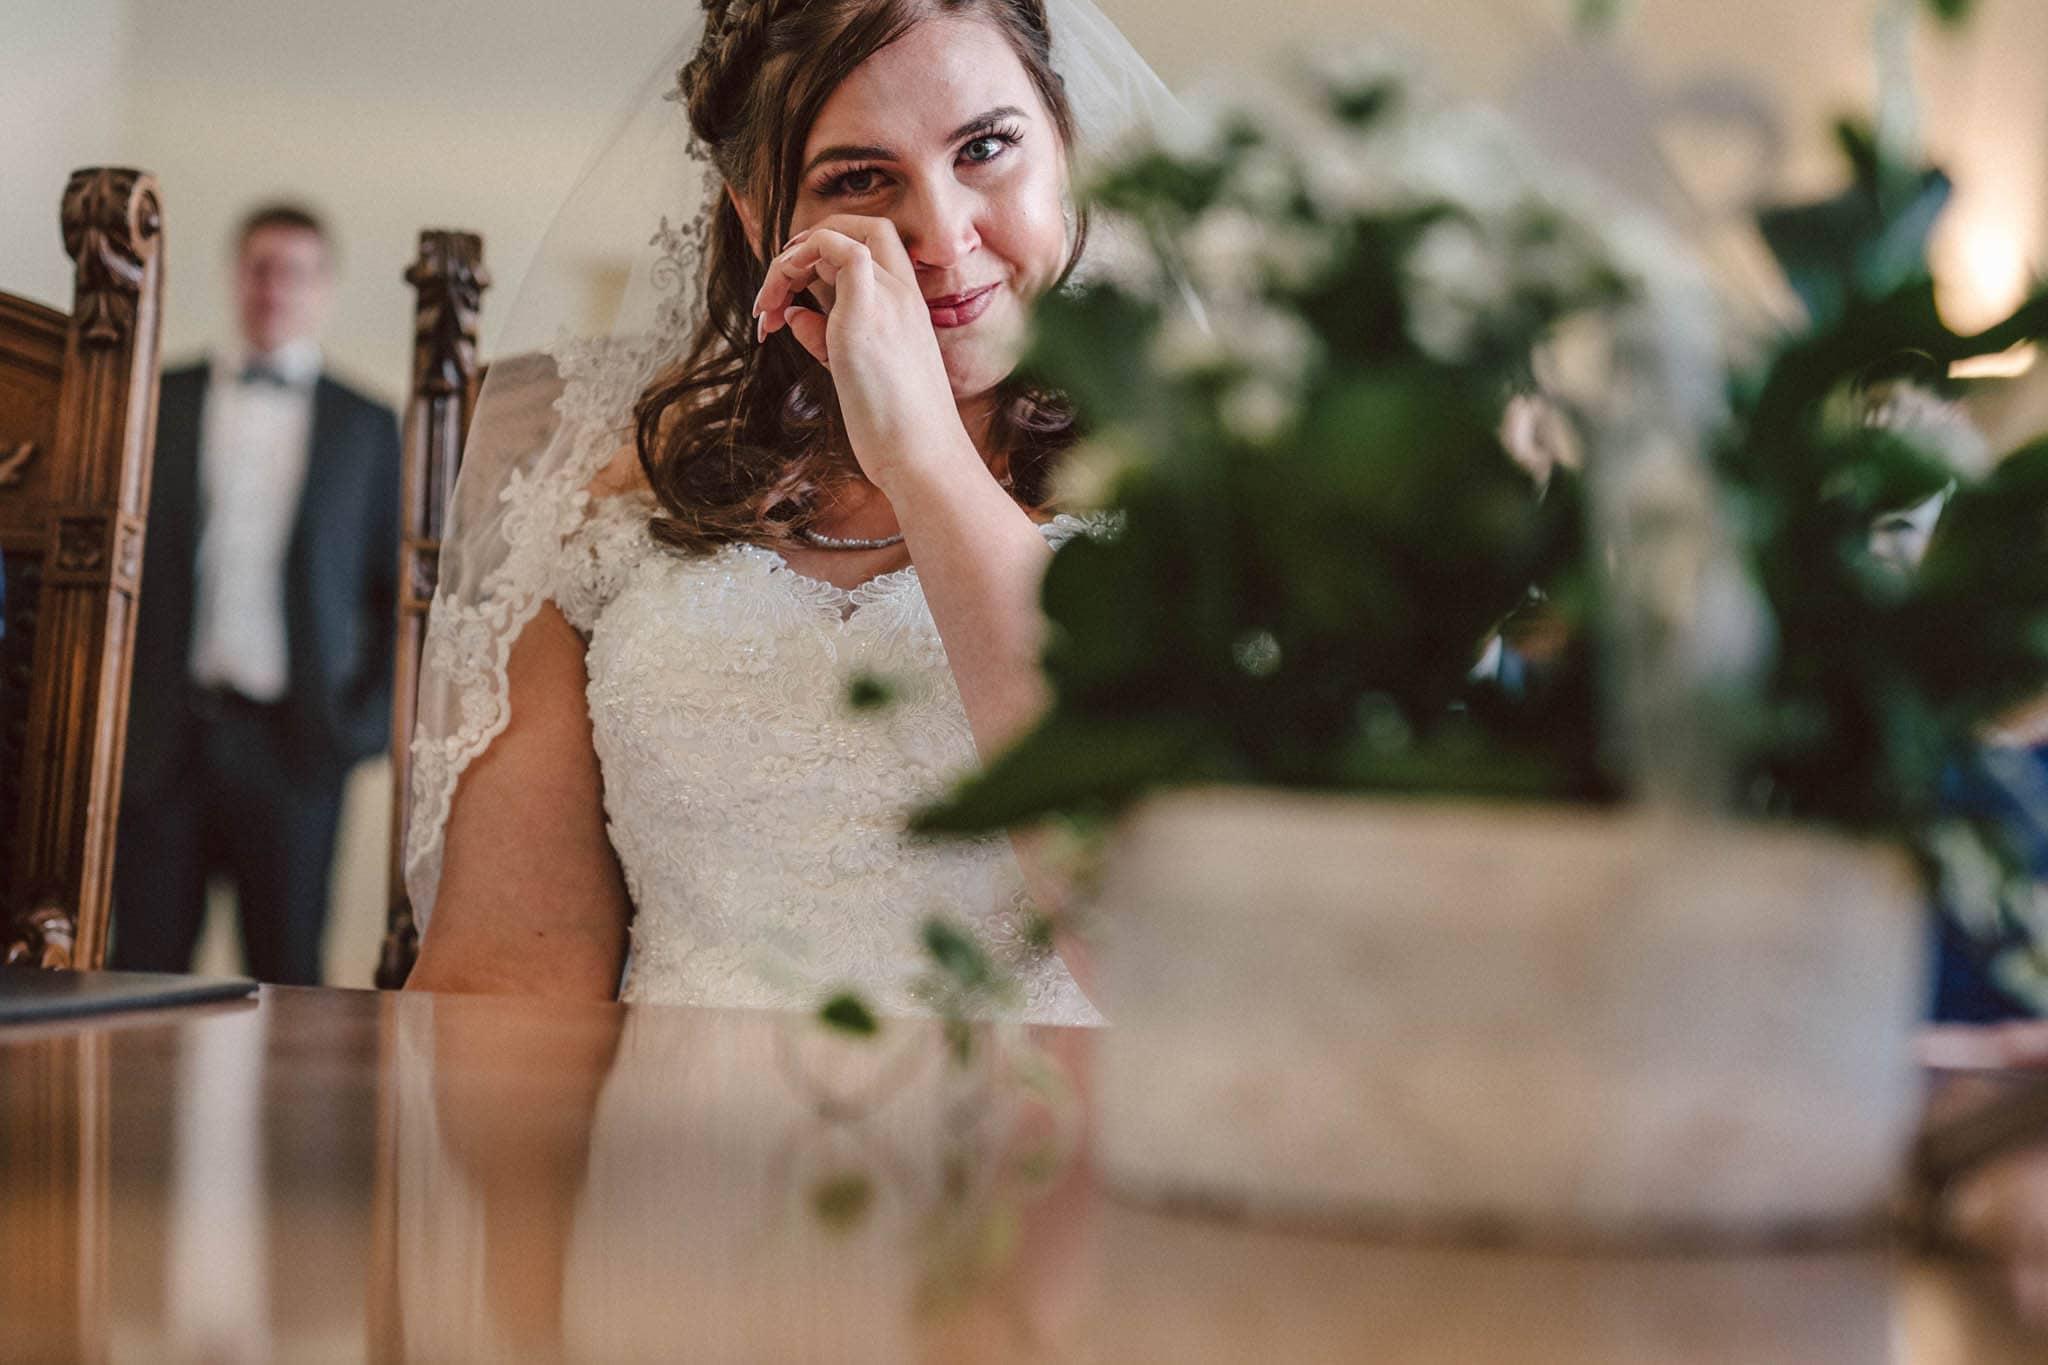 Hochzeitsfieber by Photo-Schomburg, Hochzeitsfotograf, Hamburg, Altona, wedding, Standesamt Altona, Appen, Hochzeitsshooting, Hochzeitstag, Brautpaar-44